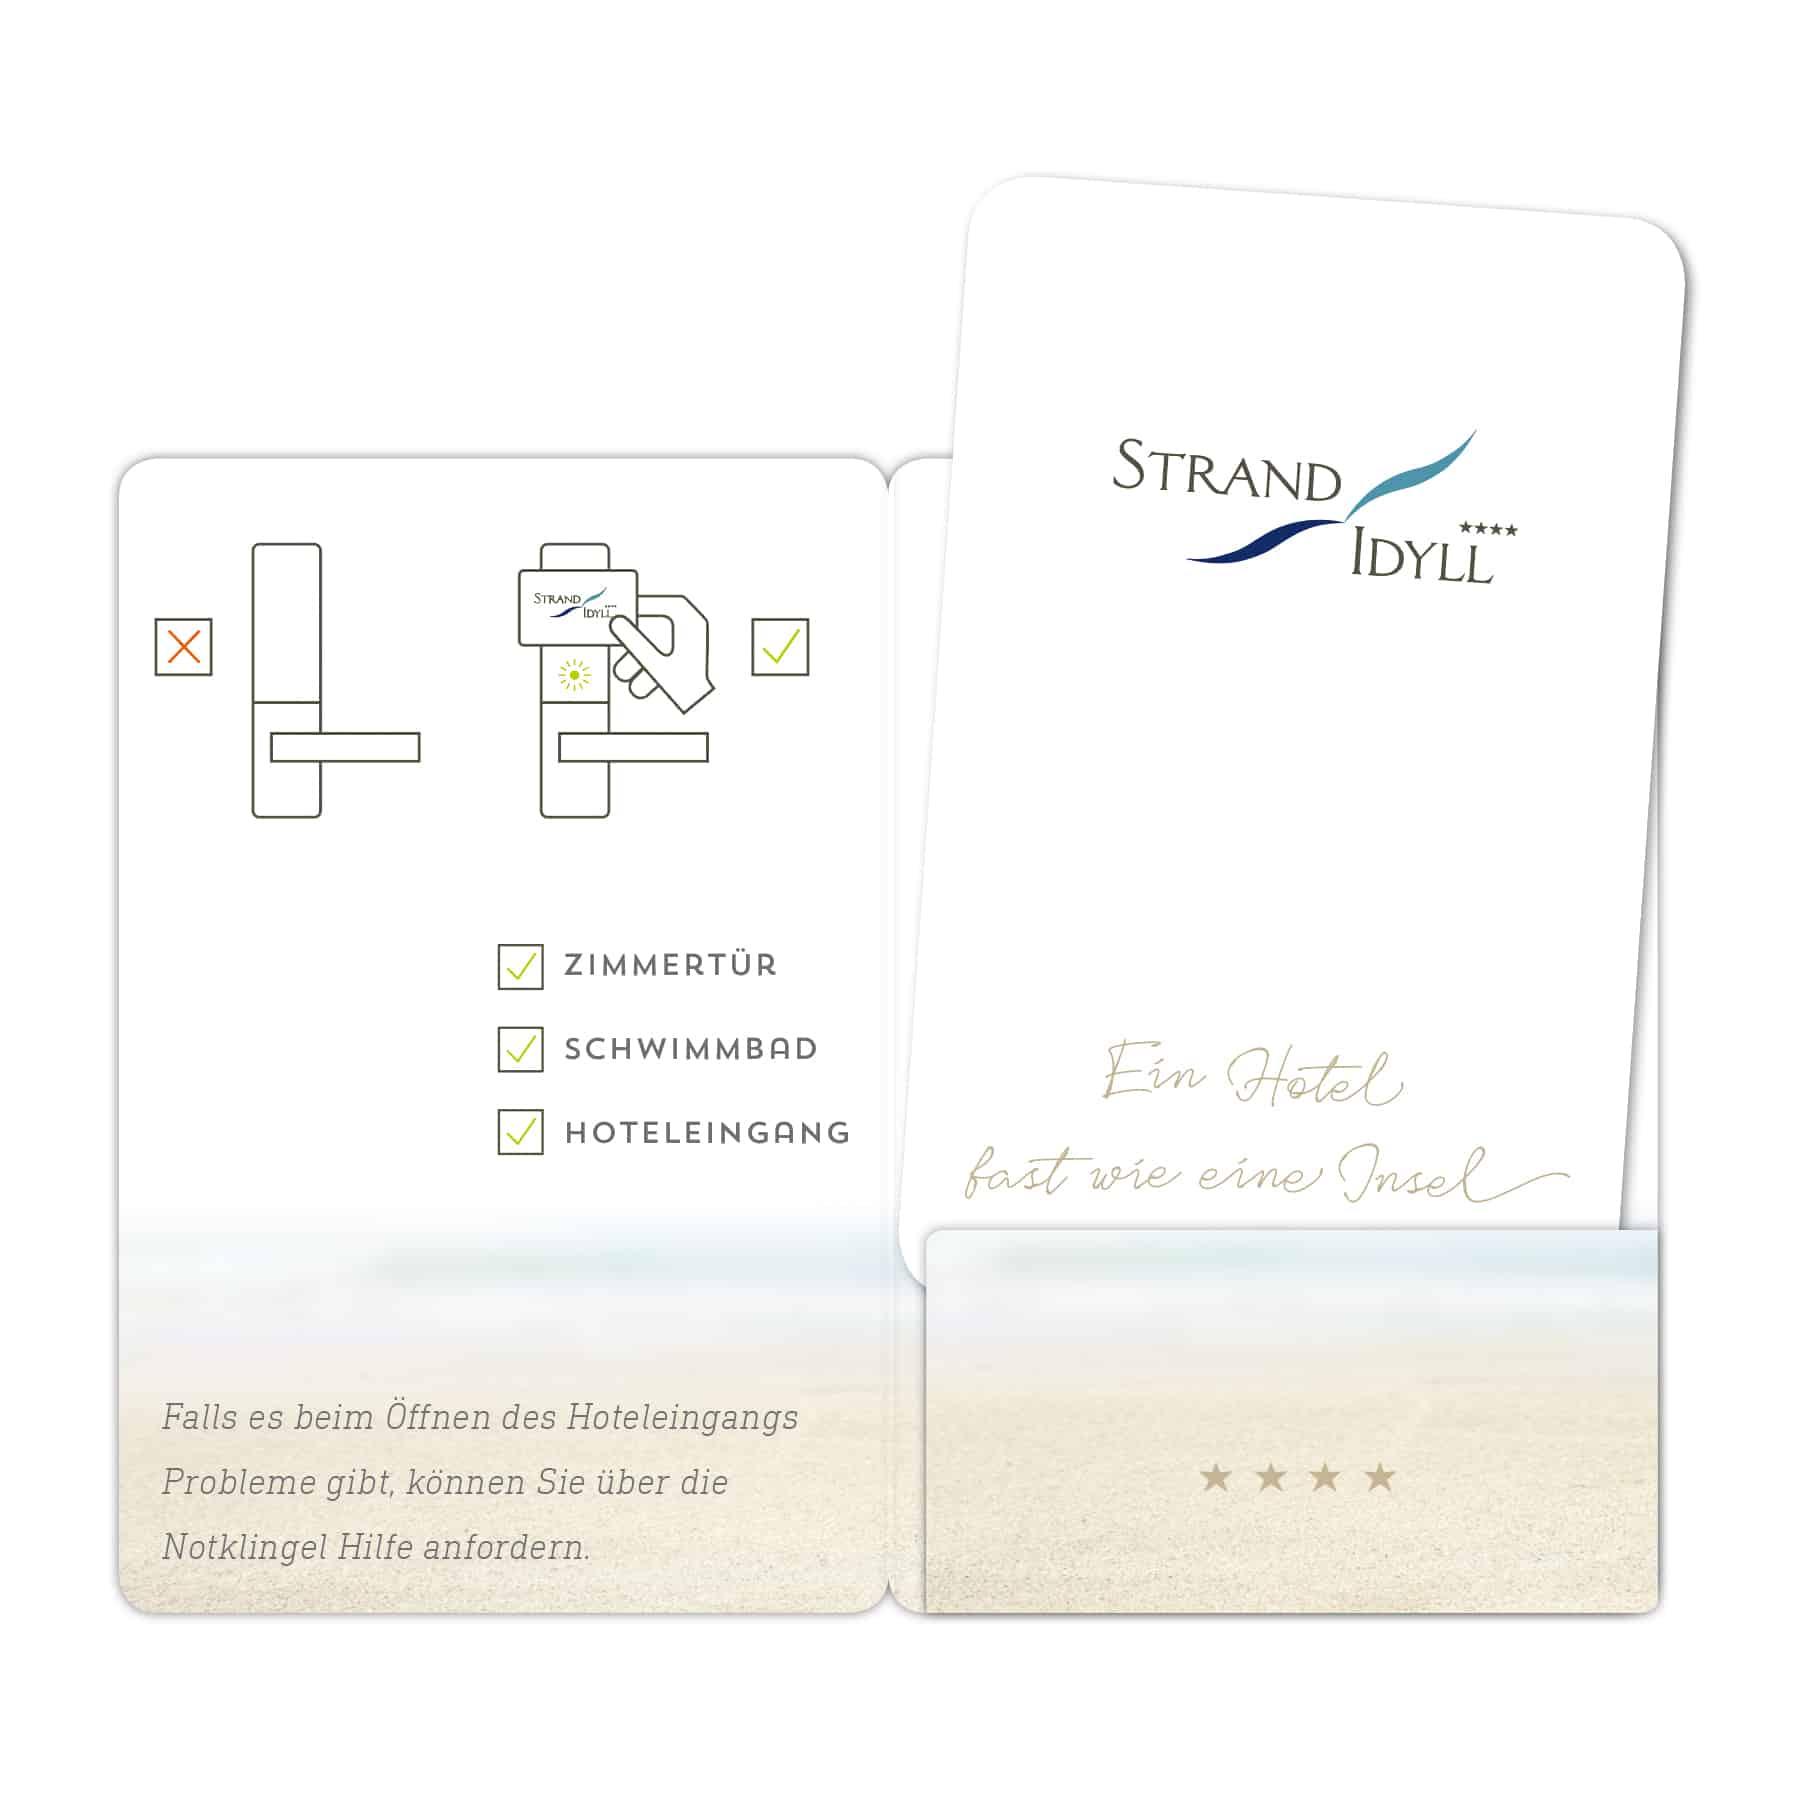 La Deutsche Vita - Drucksachen Zimmerkarte Strandidyll